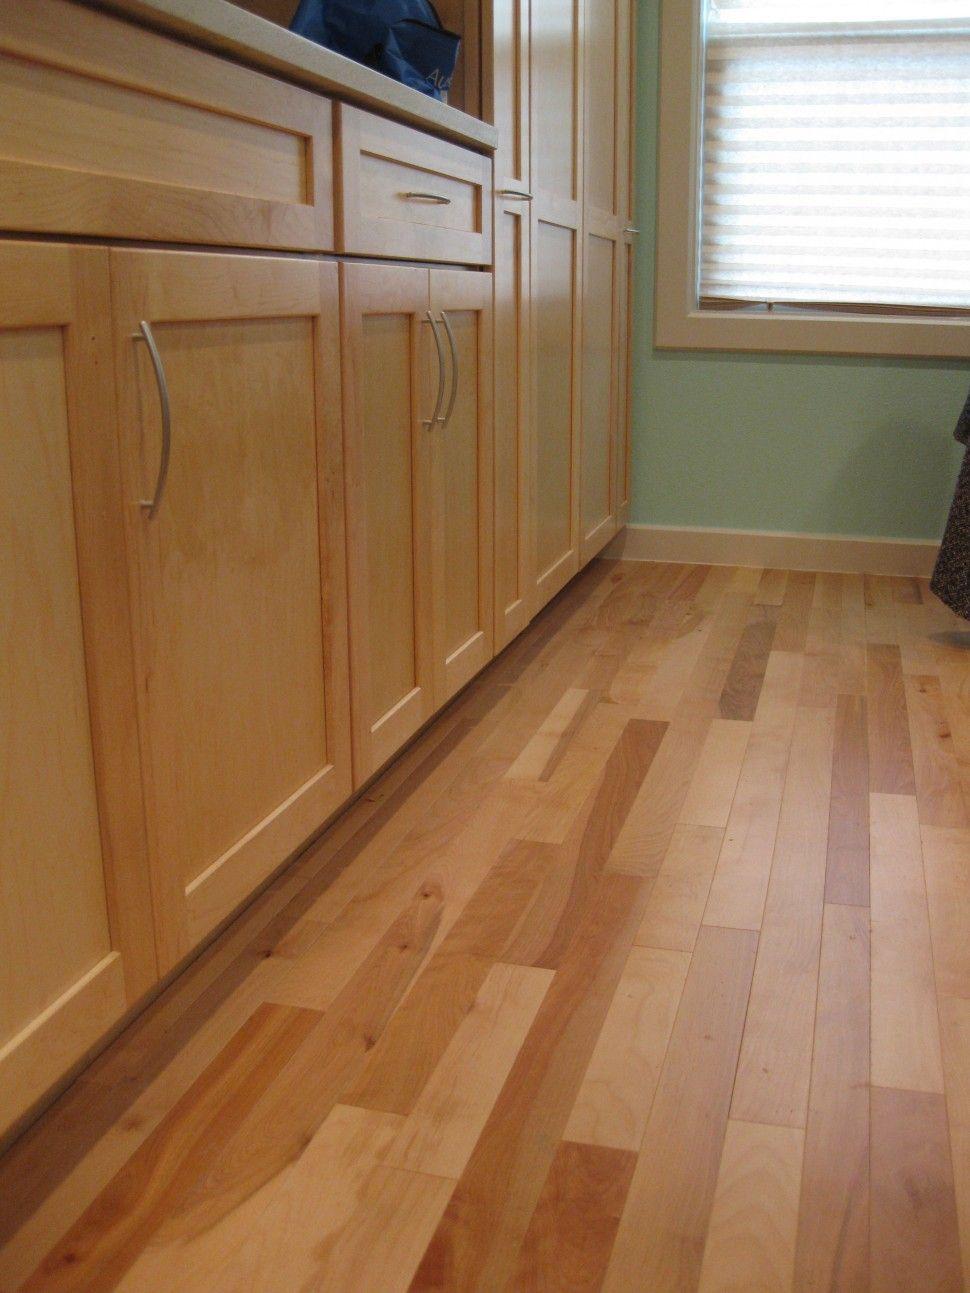 Wood Tiles DecorationsRubber Floor Linoleum flooring